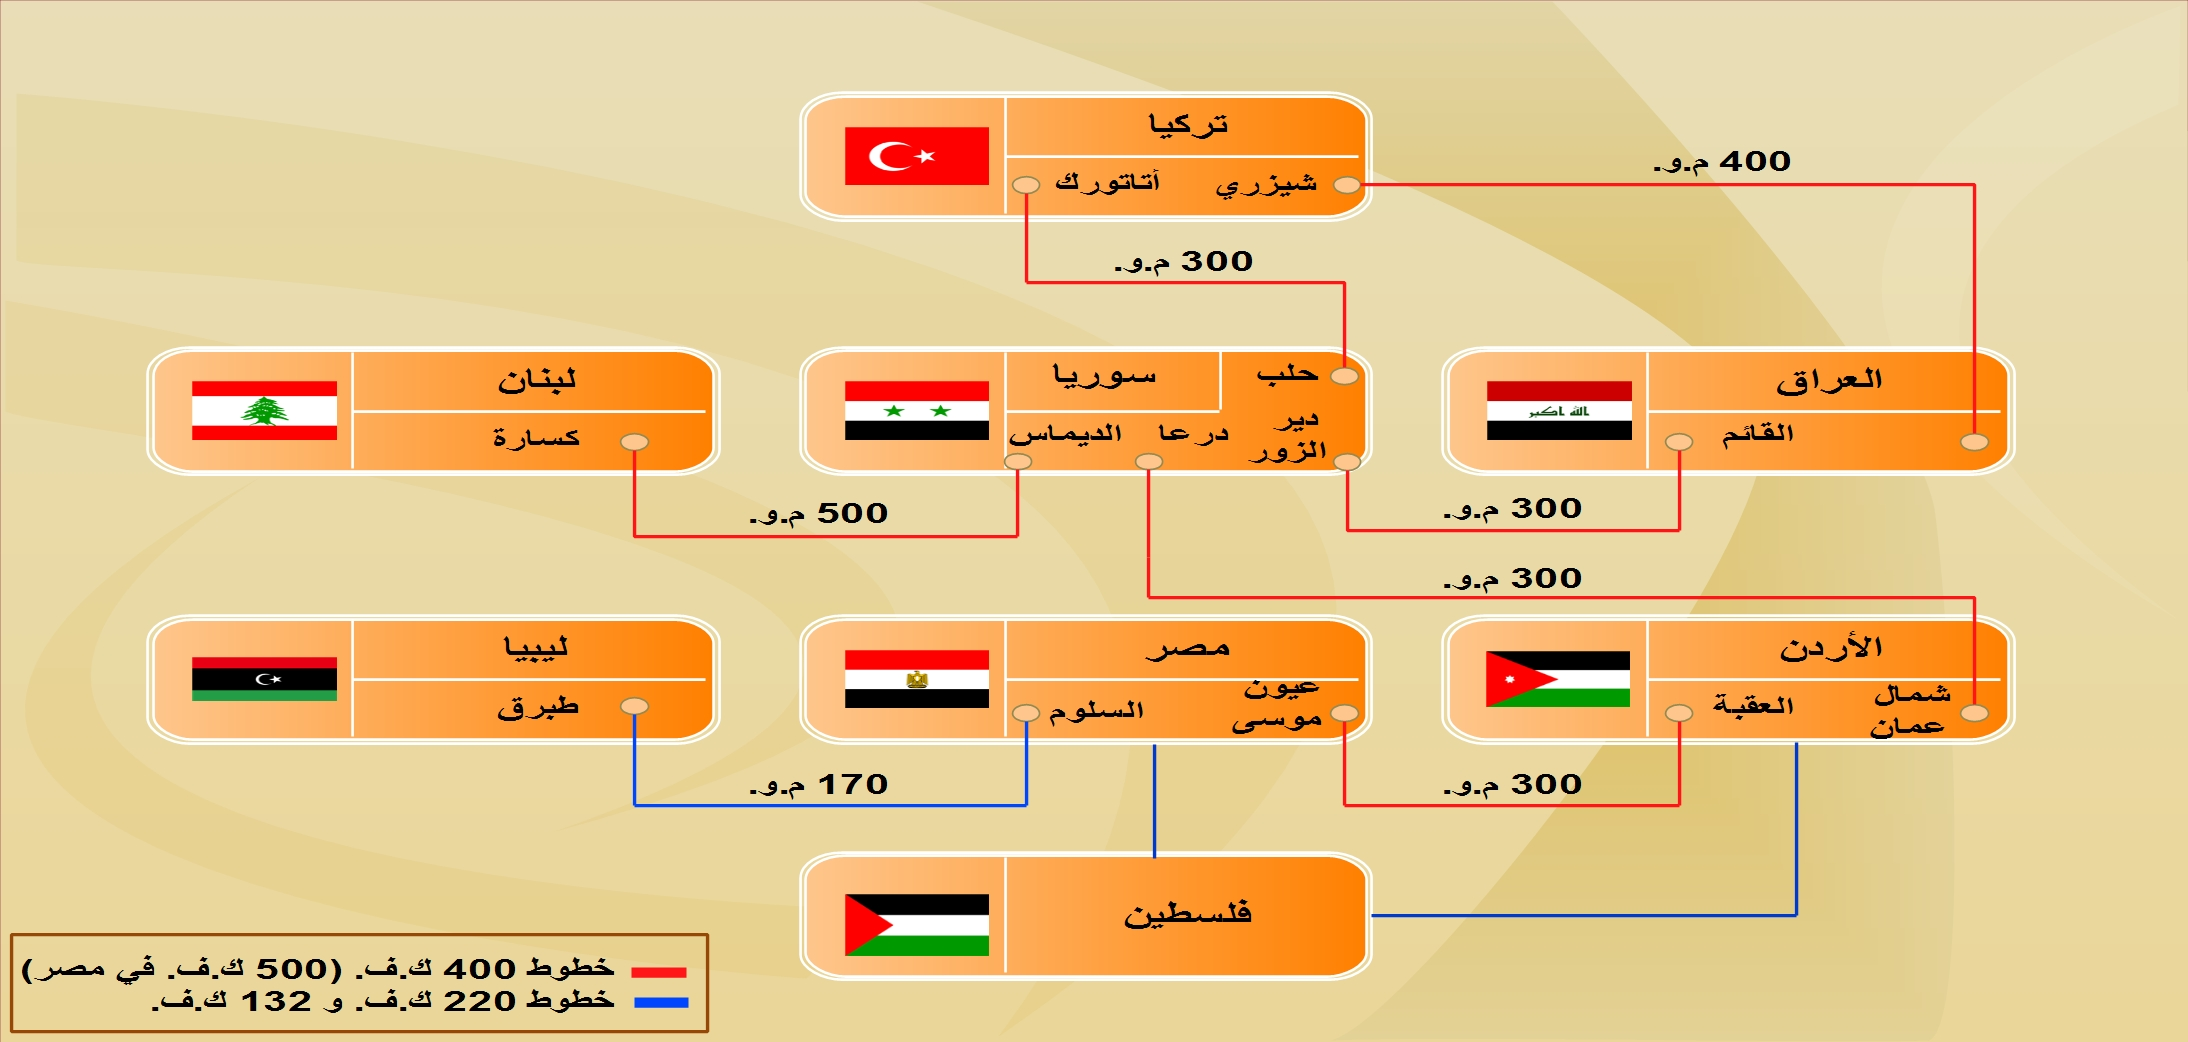 مجلس الوزراء العراقي يوافق على الإصلاحات المقدمة من العبادي  - صفحة 2 8_ar